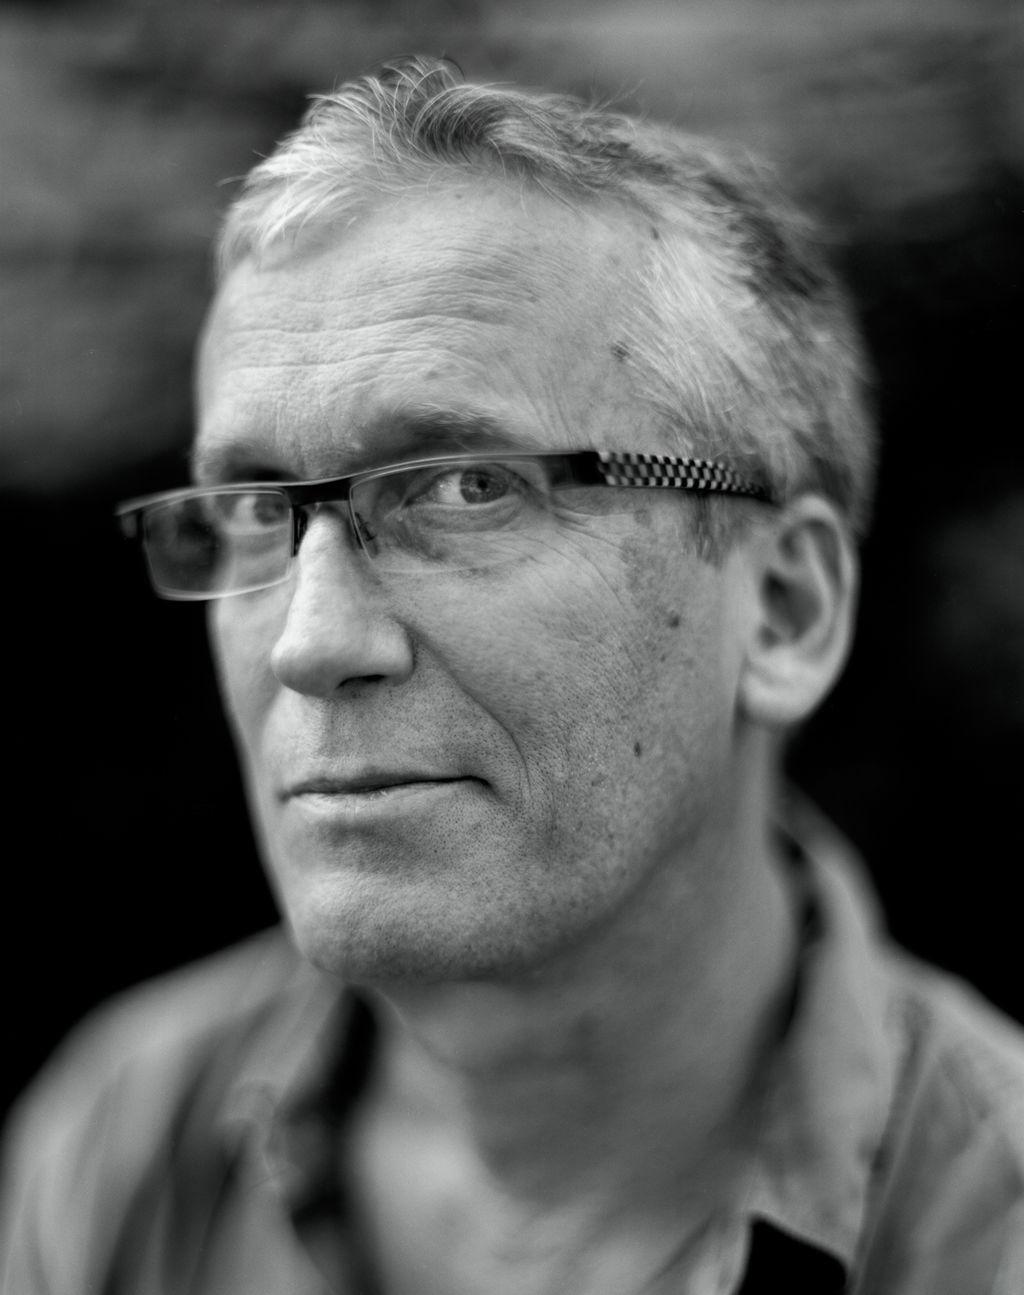 Ragnar Hovland